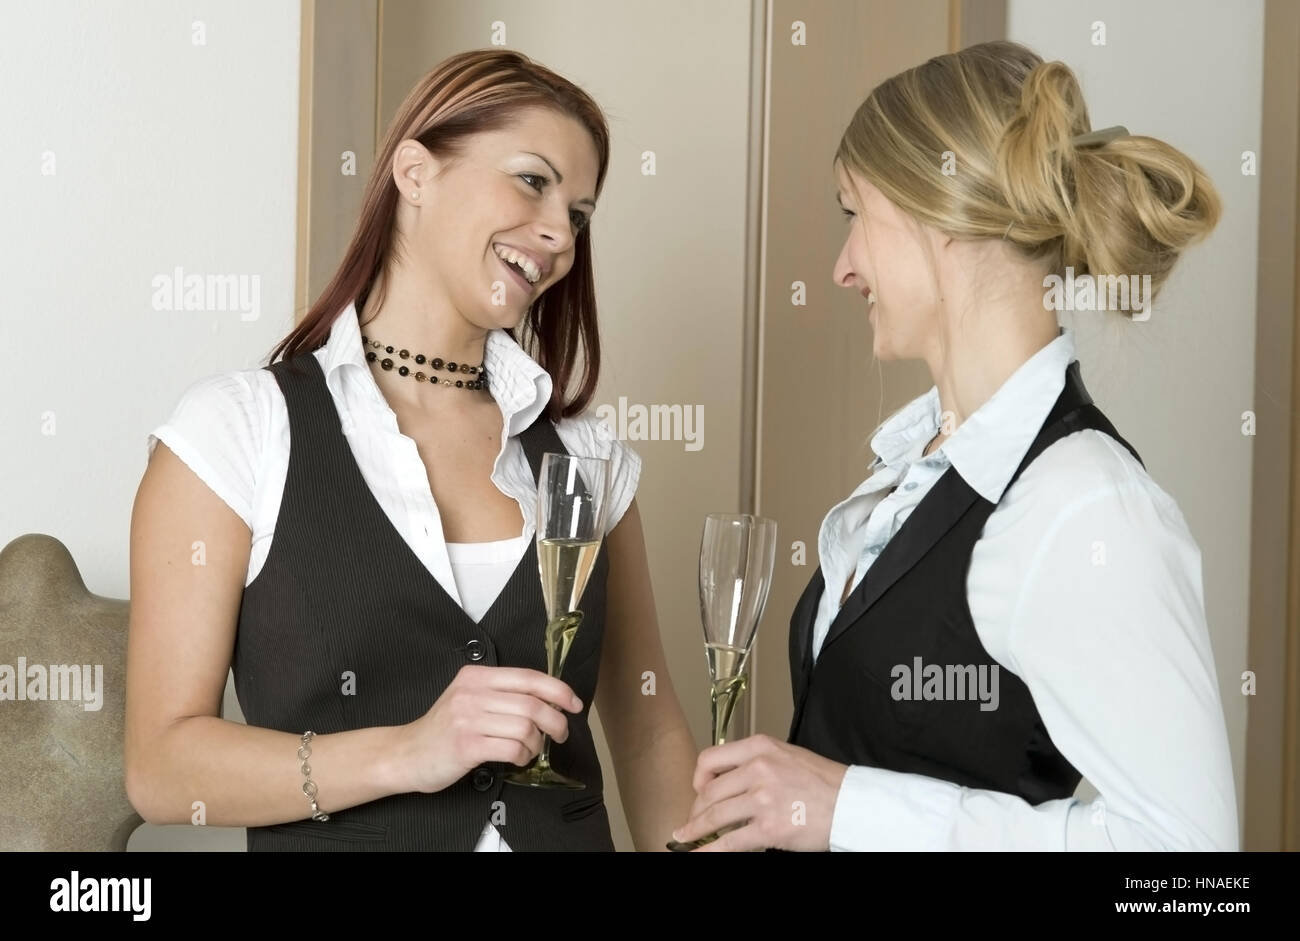 Zwei junge Frauen mit Sektglaesern in Haenden - two young women with sparkling wine - Stock Image